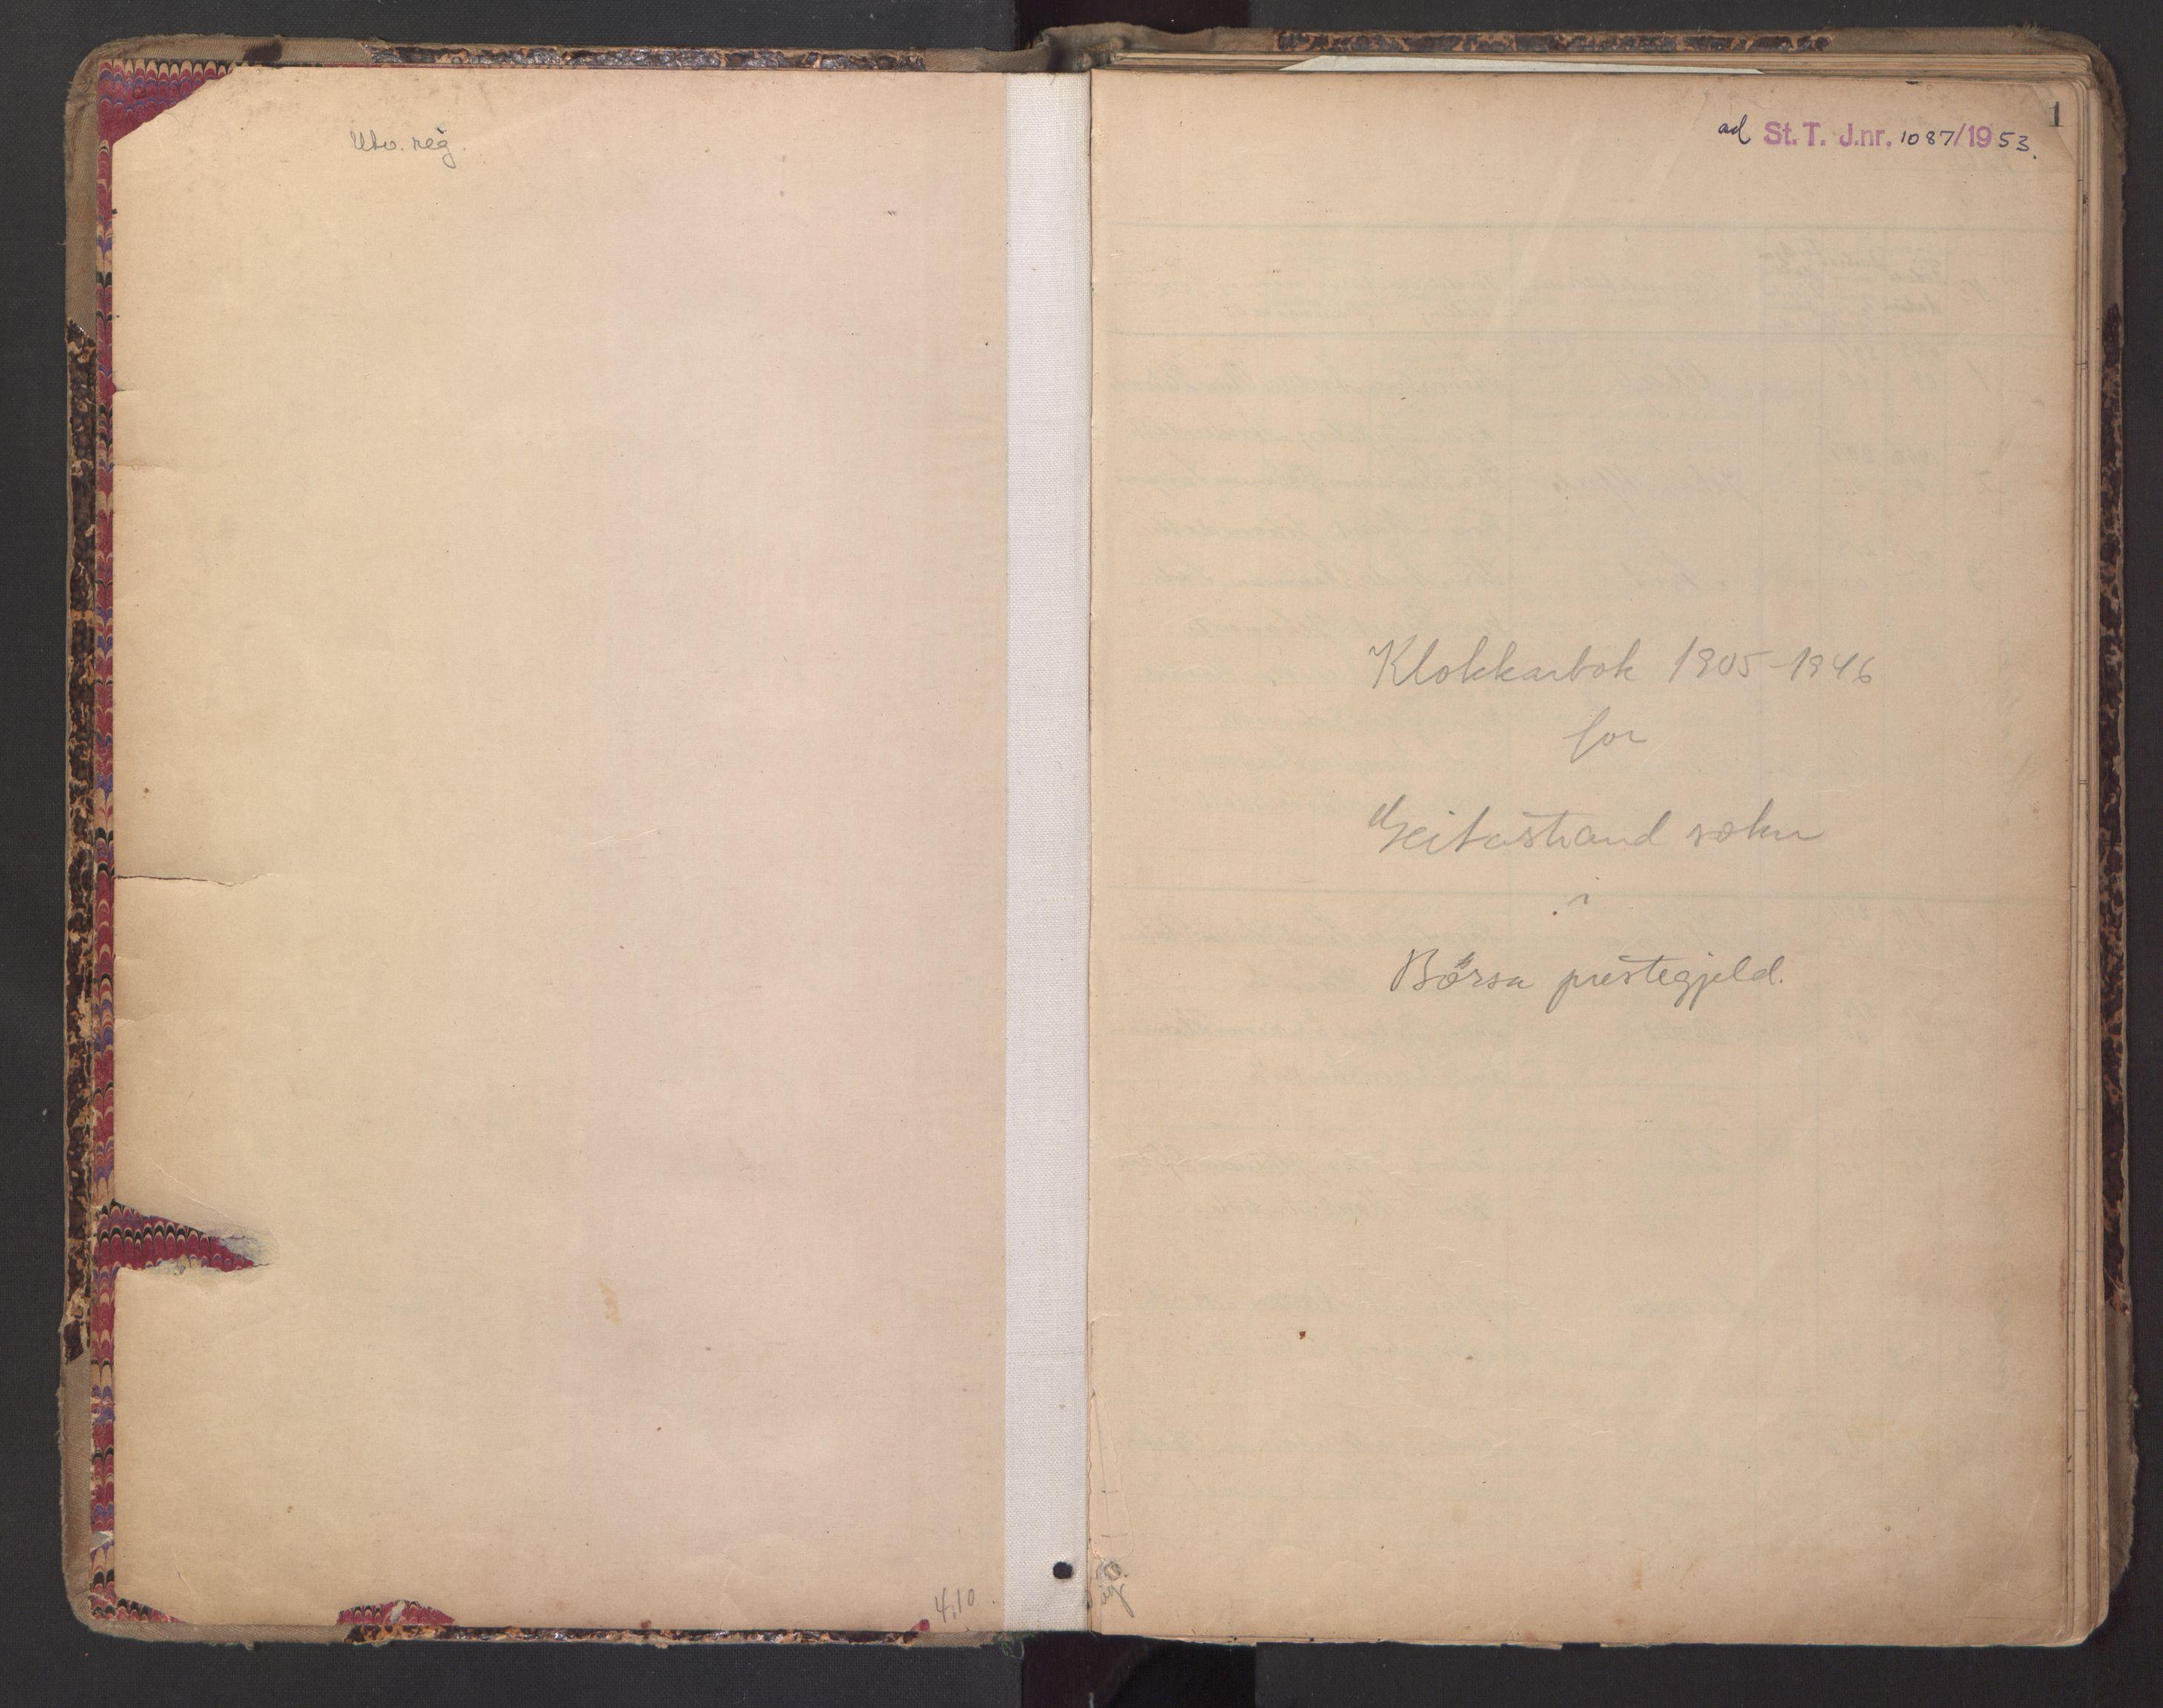 SAT, Ministerialprotokoller, klokkerbøker og fødselsregistre - Sør-Trøndelag, 670/L0837: Klokkerbok nr. 670C01, 1905-1946, s. 0-1